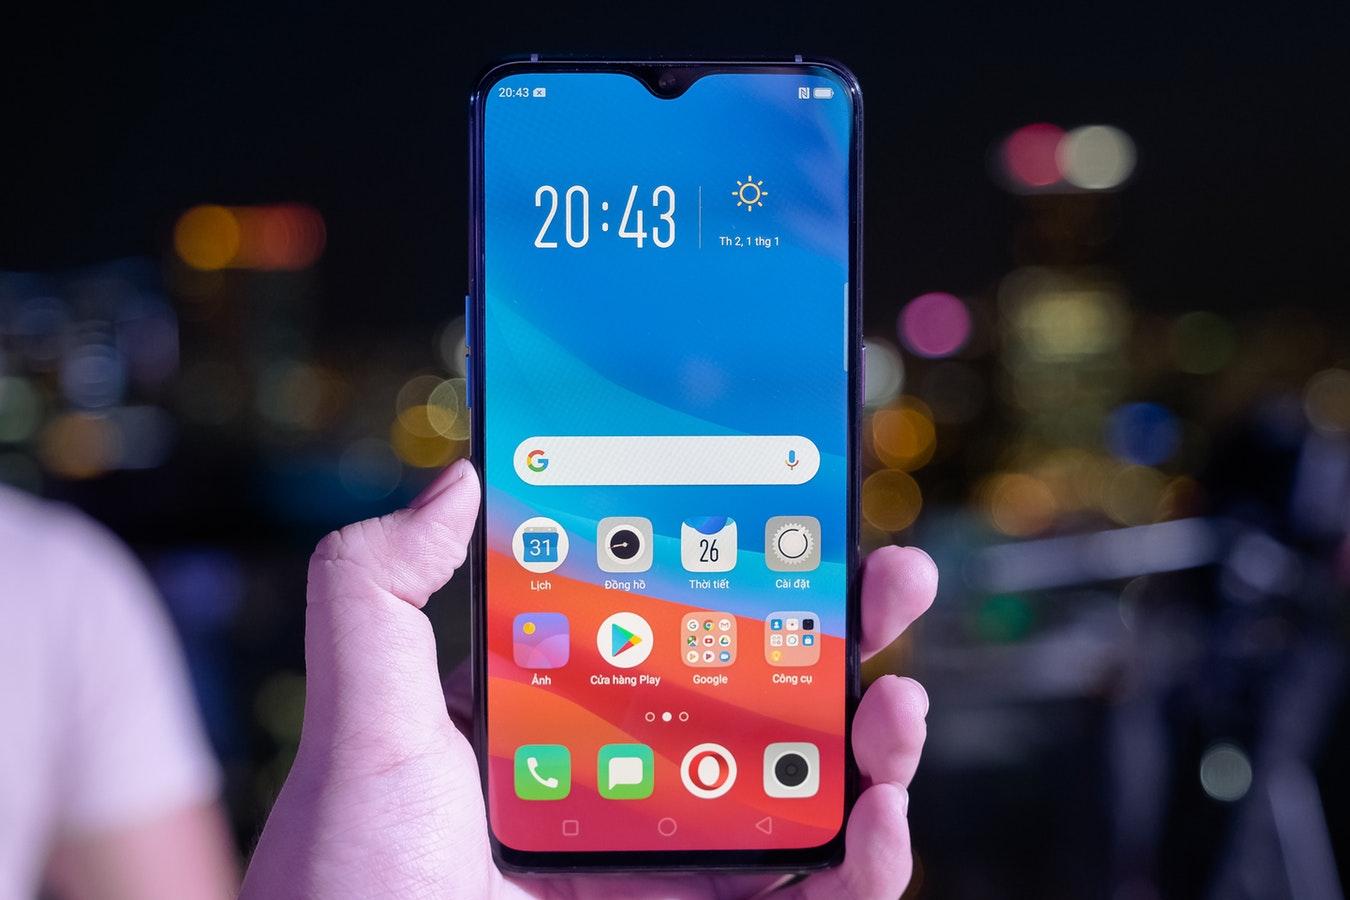 Кращі поради для захисту Вашого смартфону та персональних даних на 2020 рік